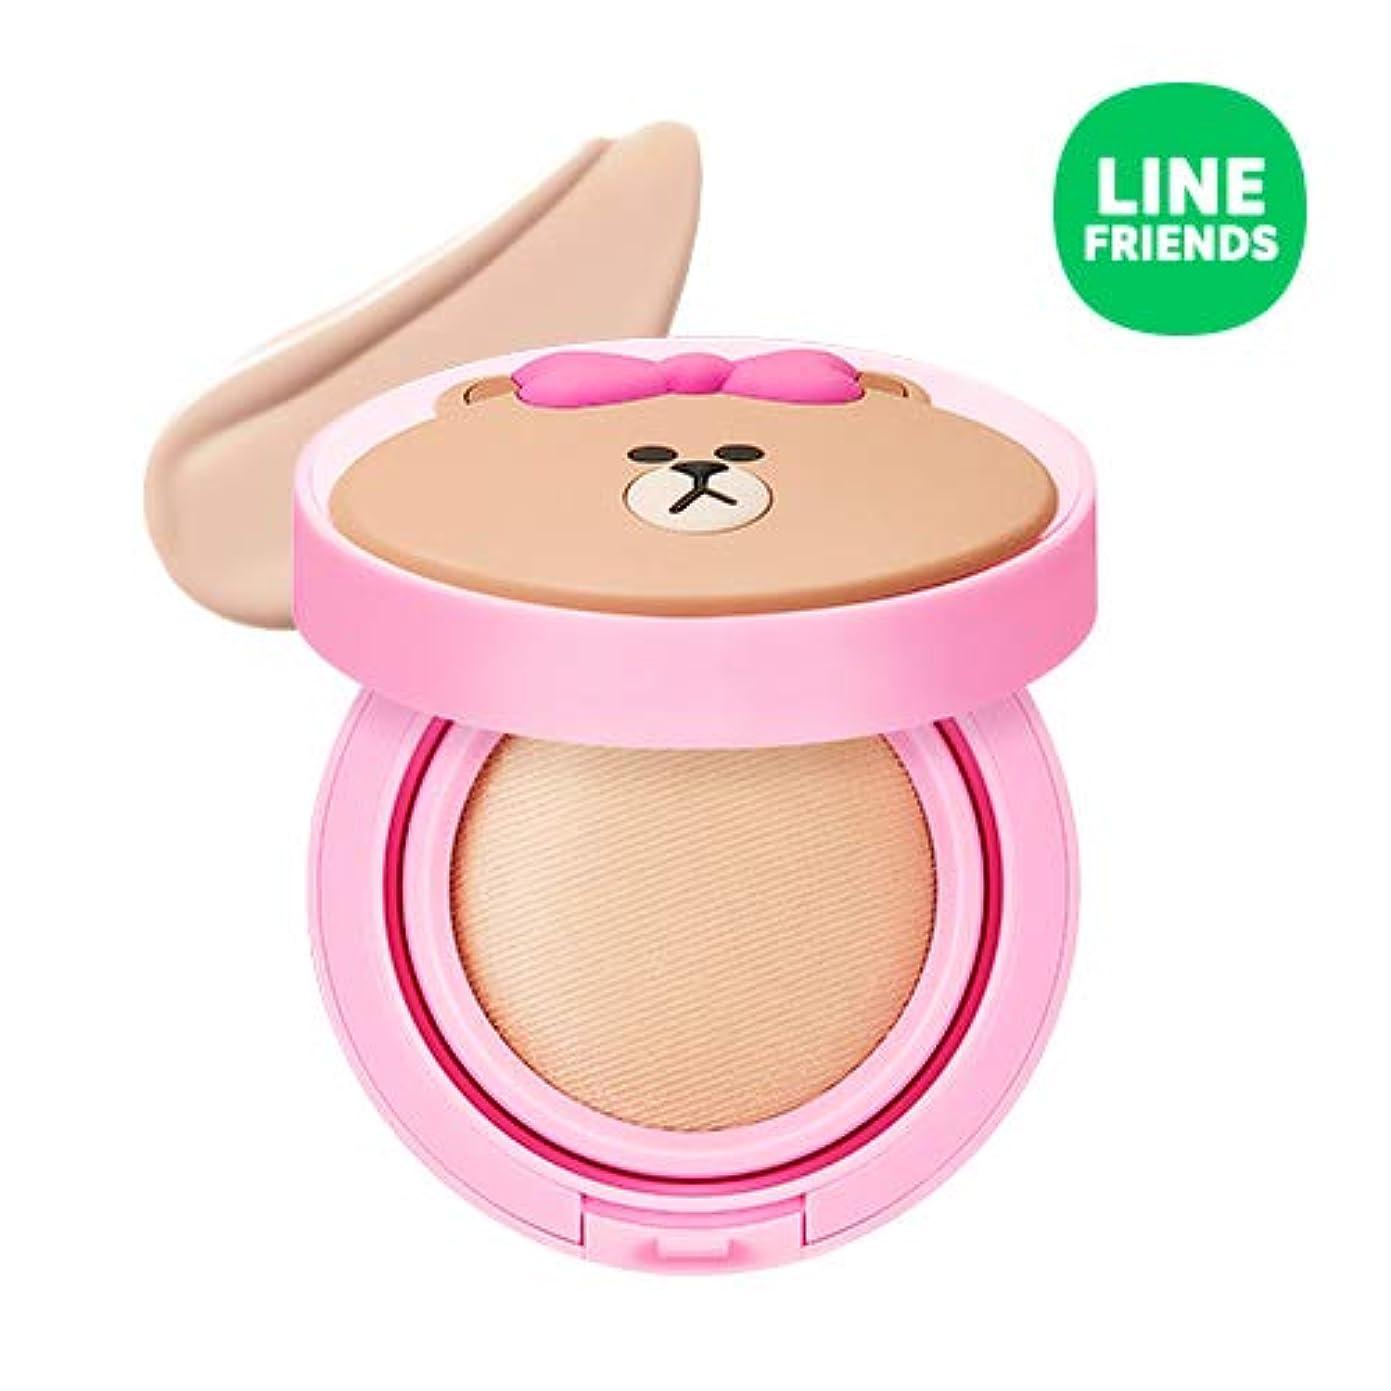 部分的に大破素子ミシャ(ラインフレンズ)グローテンション15g / MISSHA [Line Friends Edition] Glow Tension SPF50 PA+++ #Fair(Pink tone No.21) [並行輸入品]